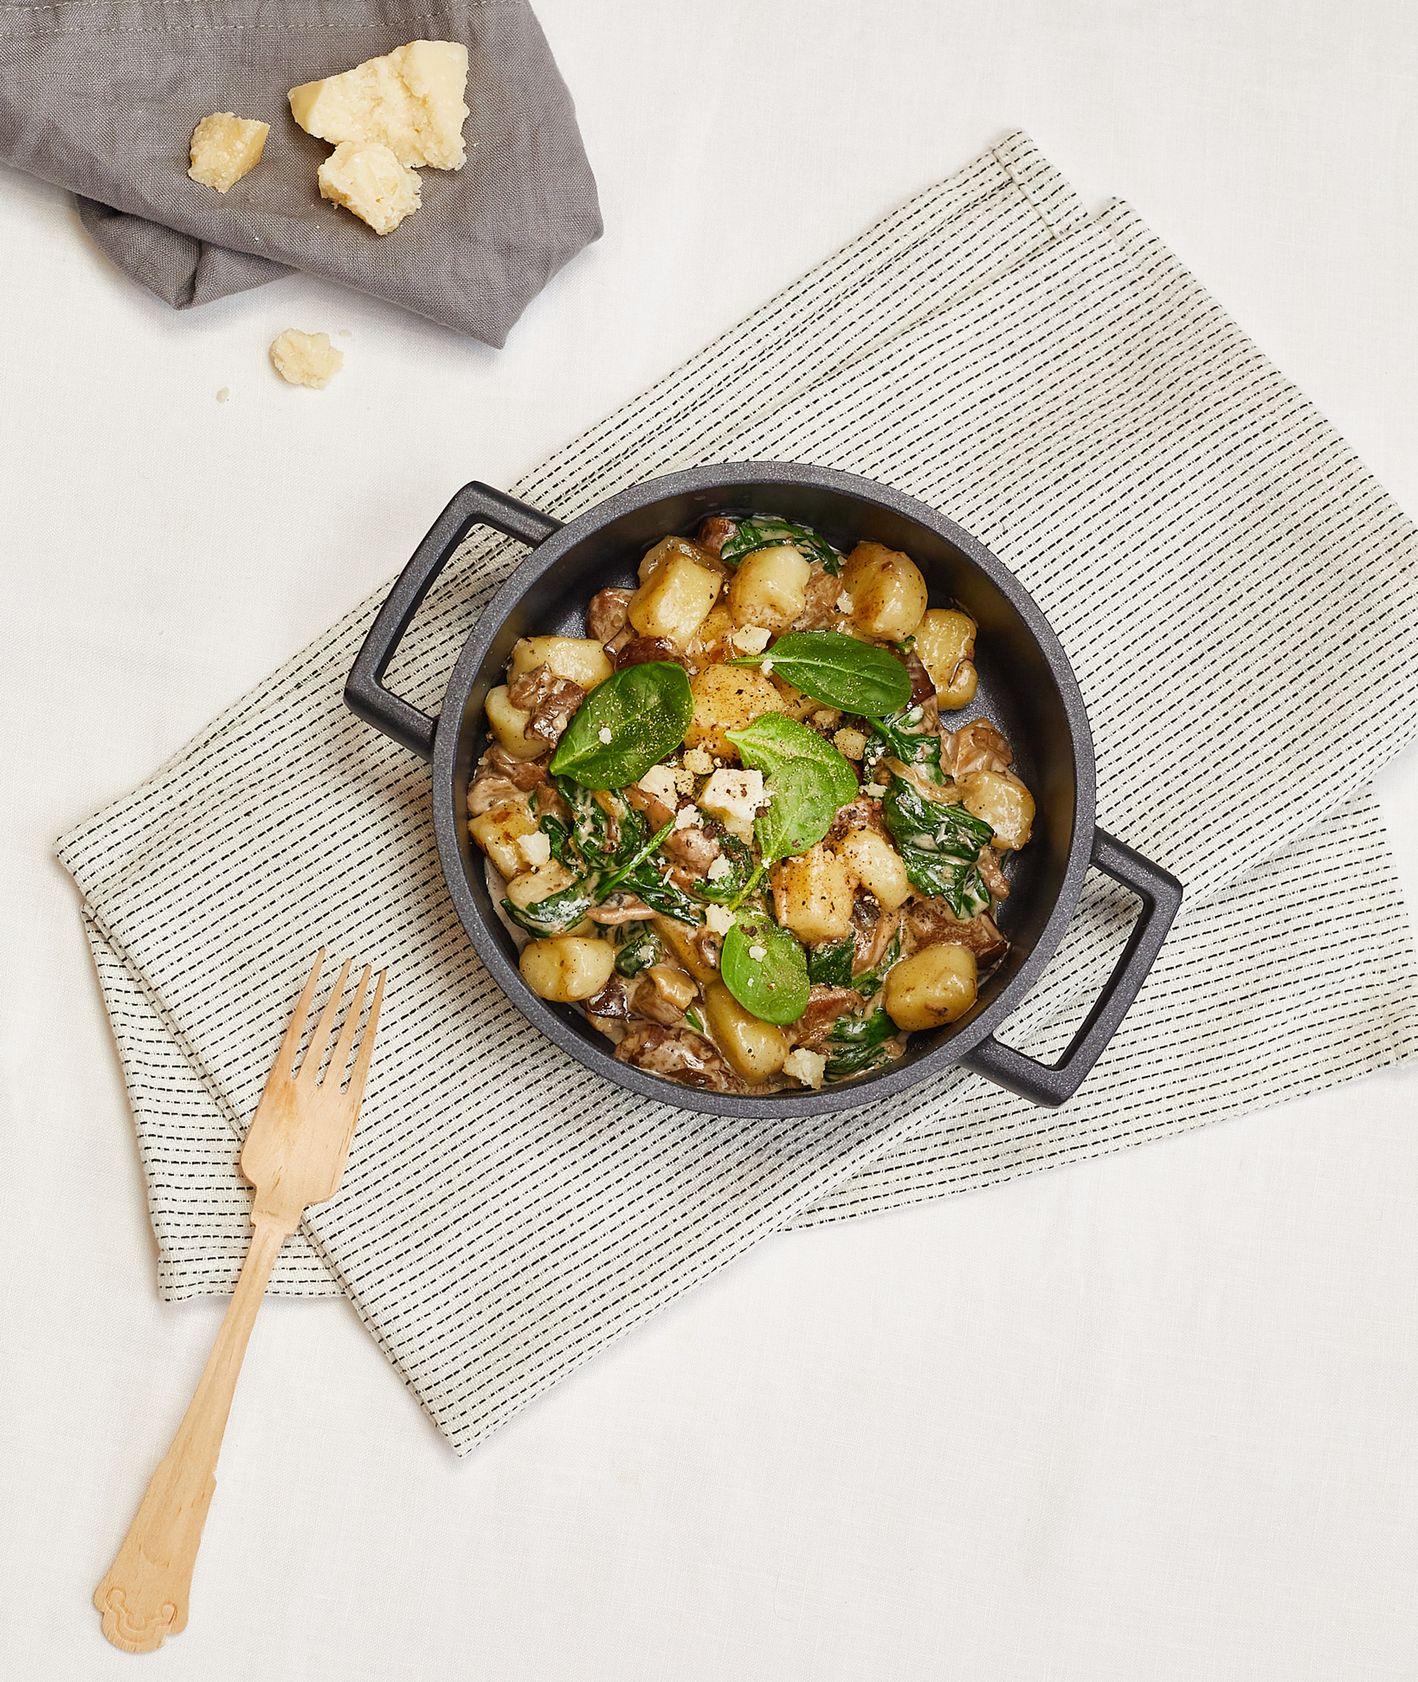 Przepis – jak zrobić kopytka z sosem grzybowym i szpinakiem, Targ Kręgliccy (fot. Maciek Niemojewski)